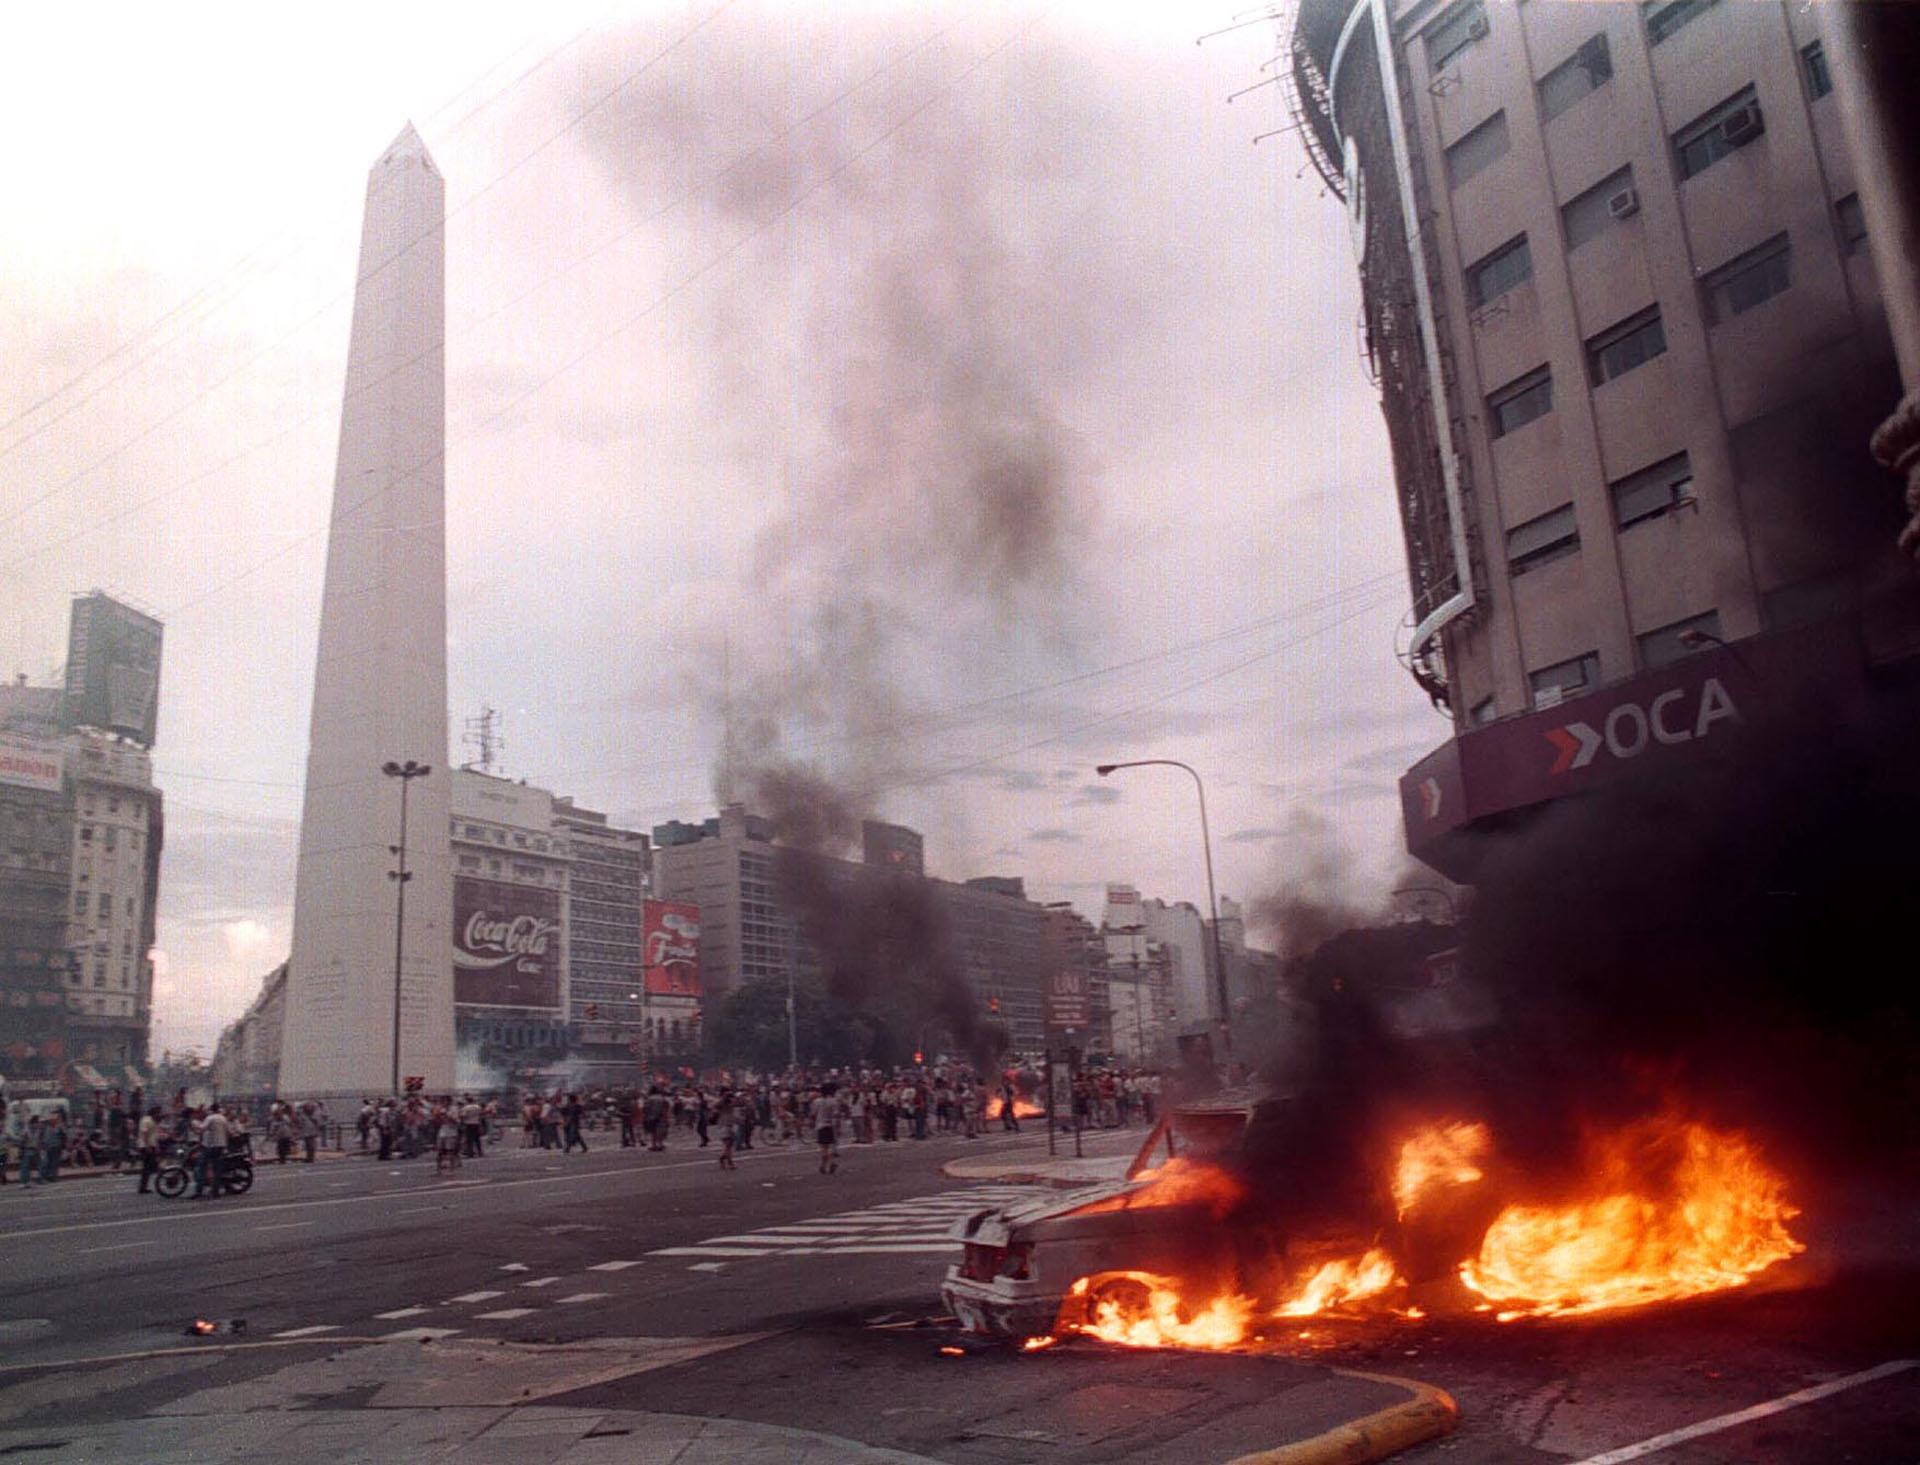 Postales del caos: el 19 y el 20 de diciembre quedaron grabados en la retina de los argentinos (NA)